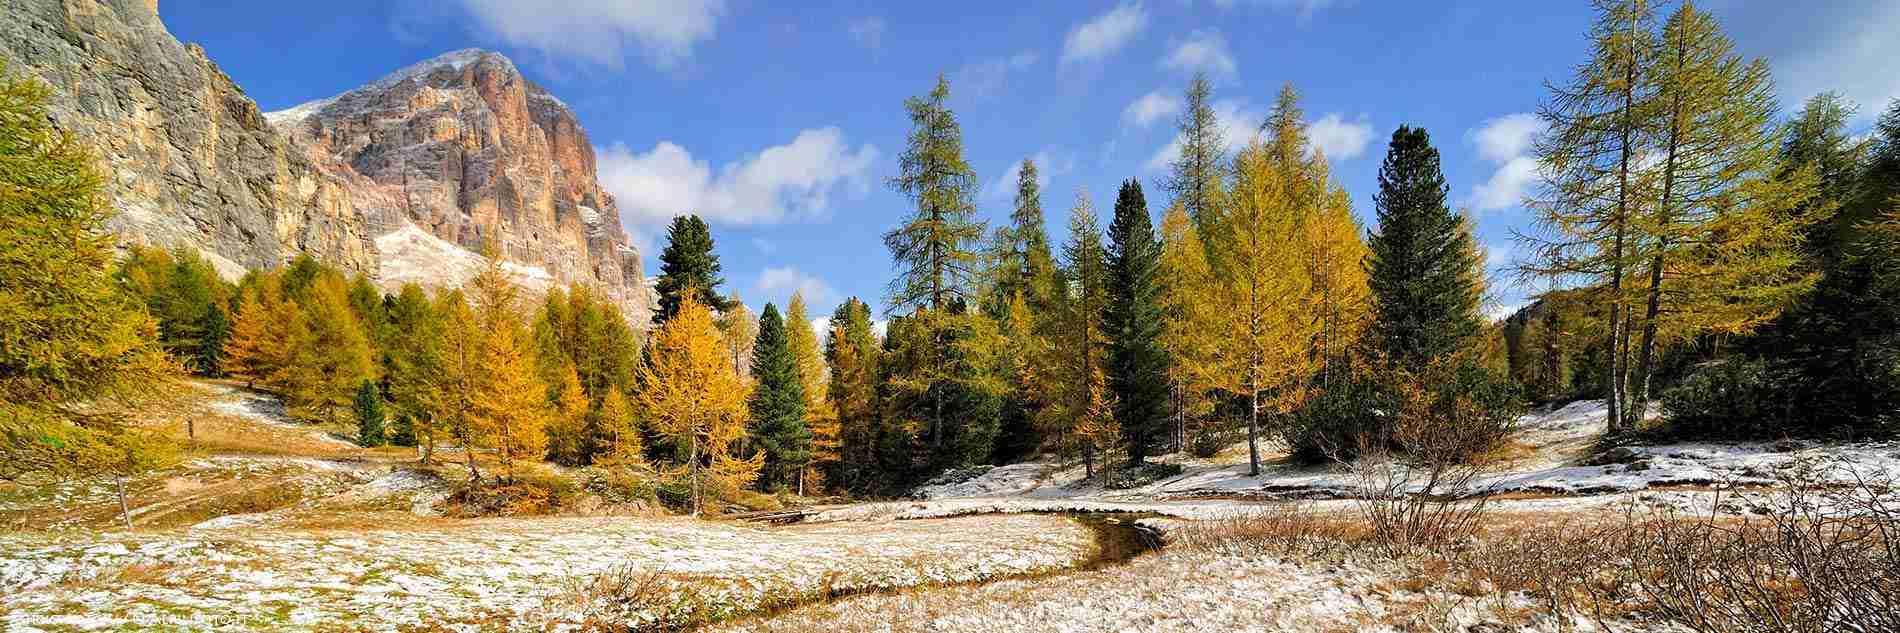 autunno_alpi_mirko_sotgiu_web